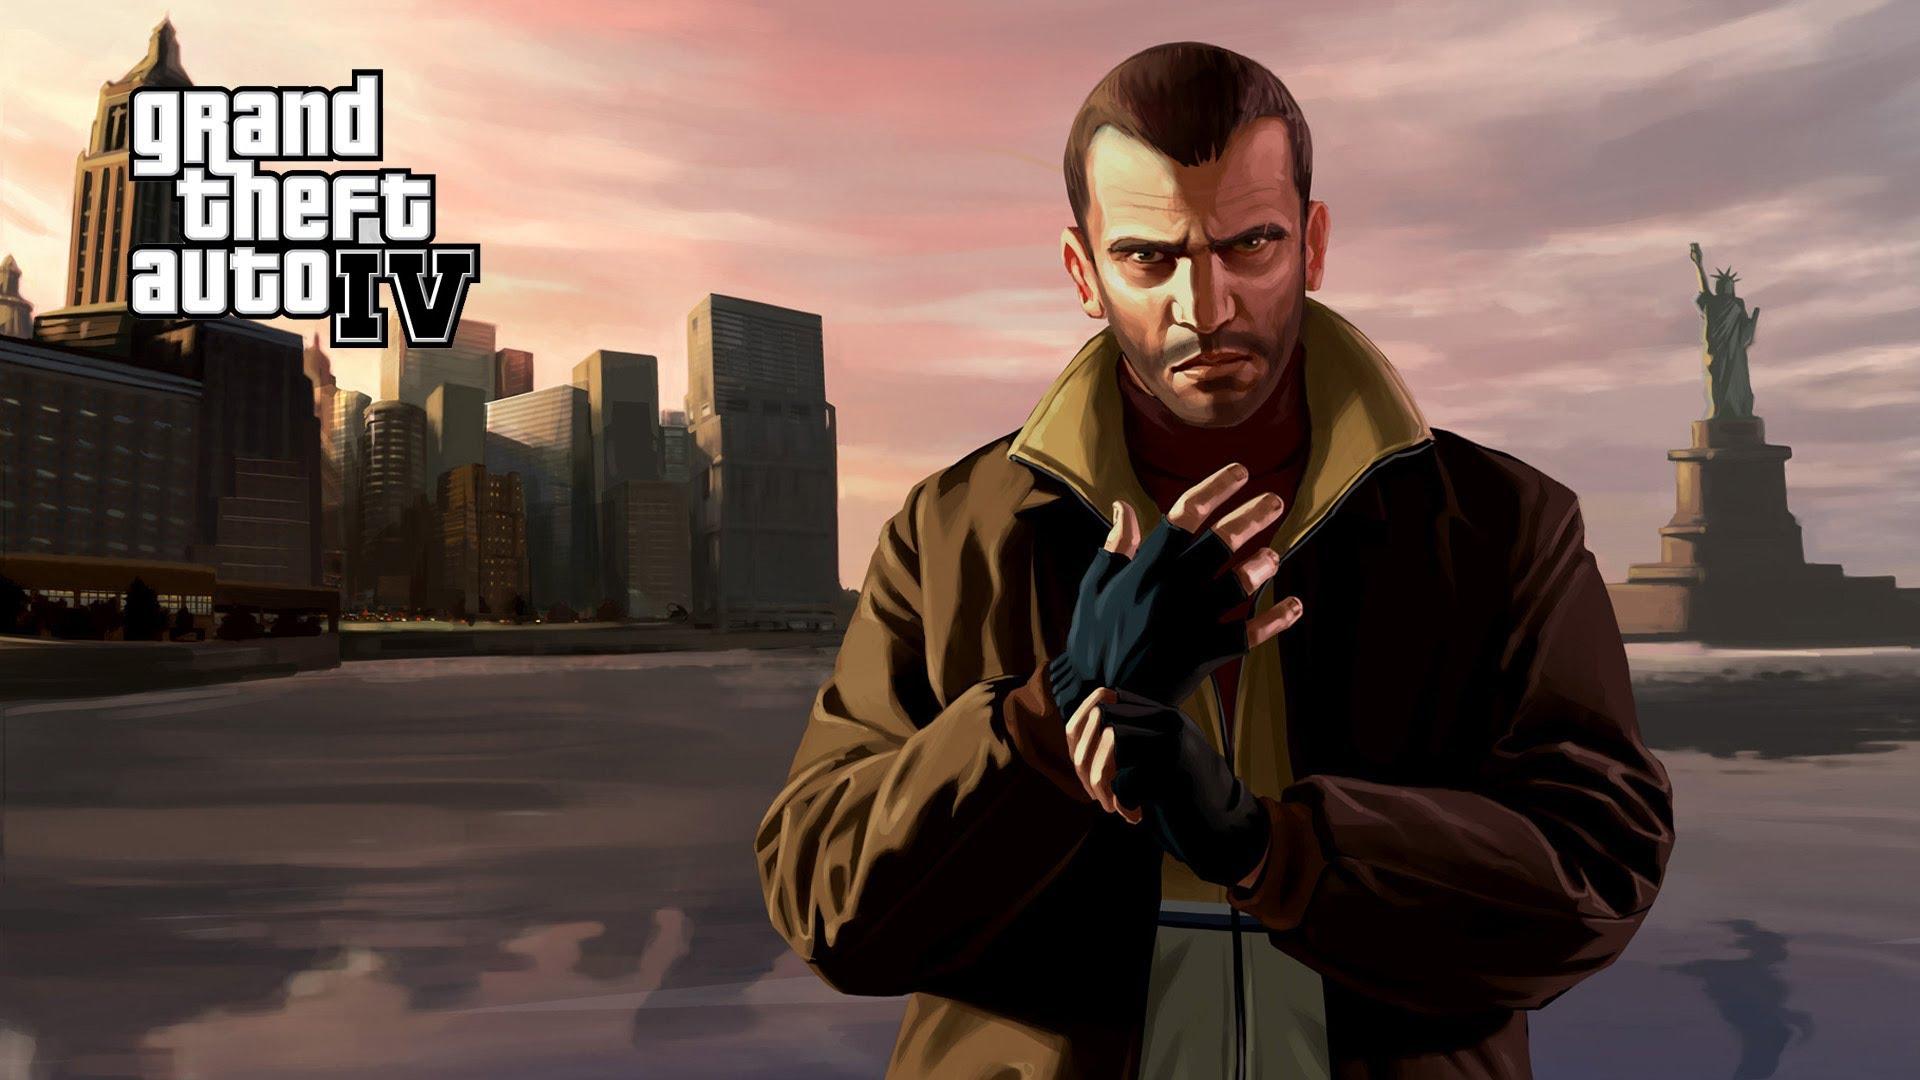 Vous souvenez vous de Grand Theft Auto IV ?